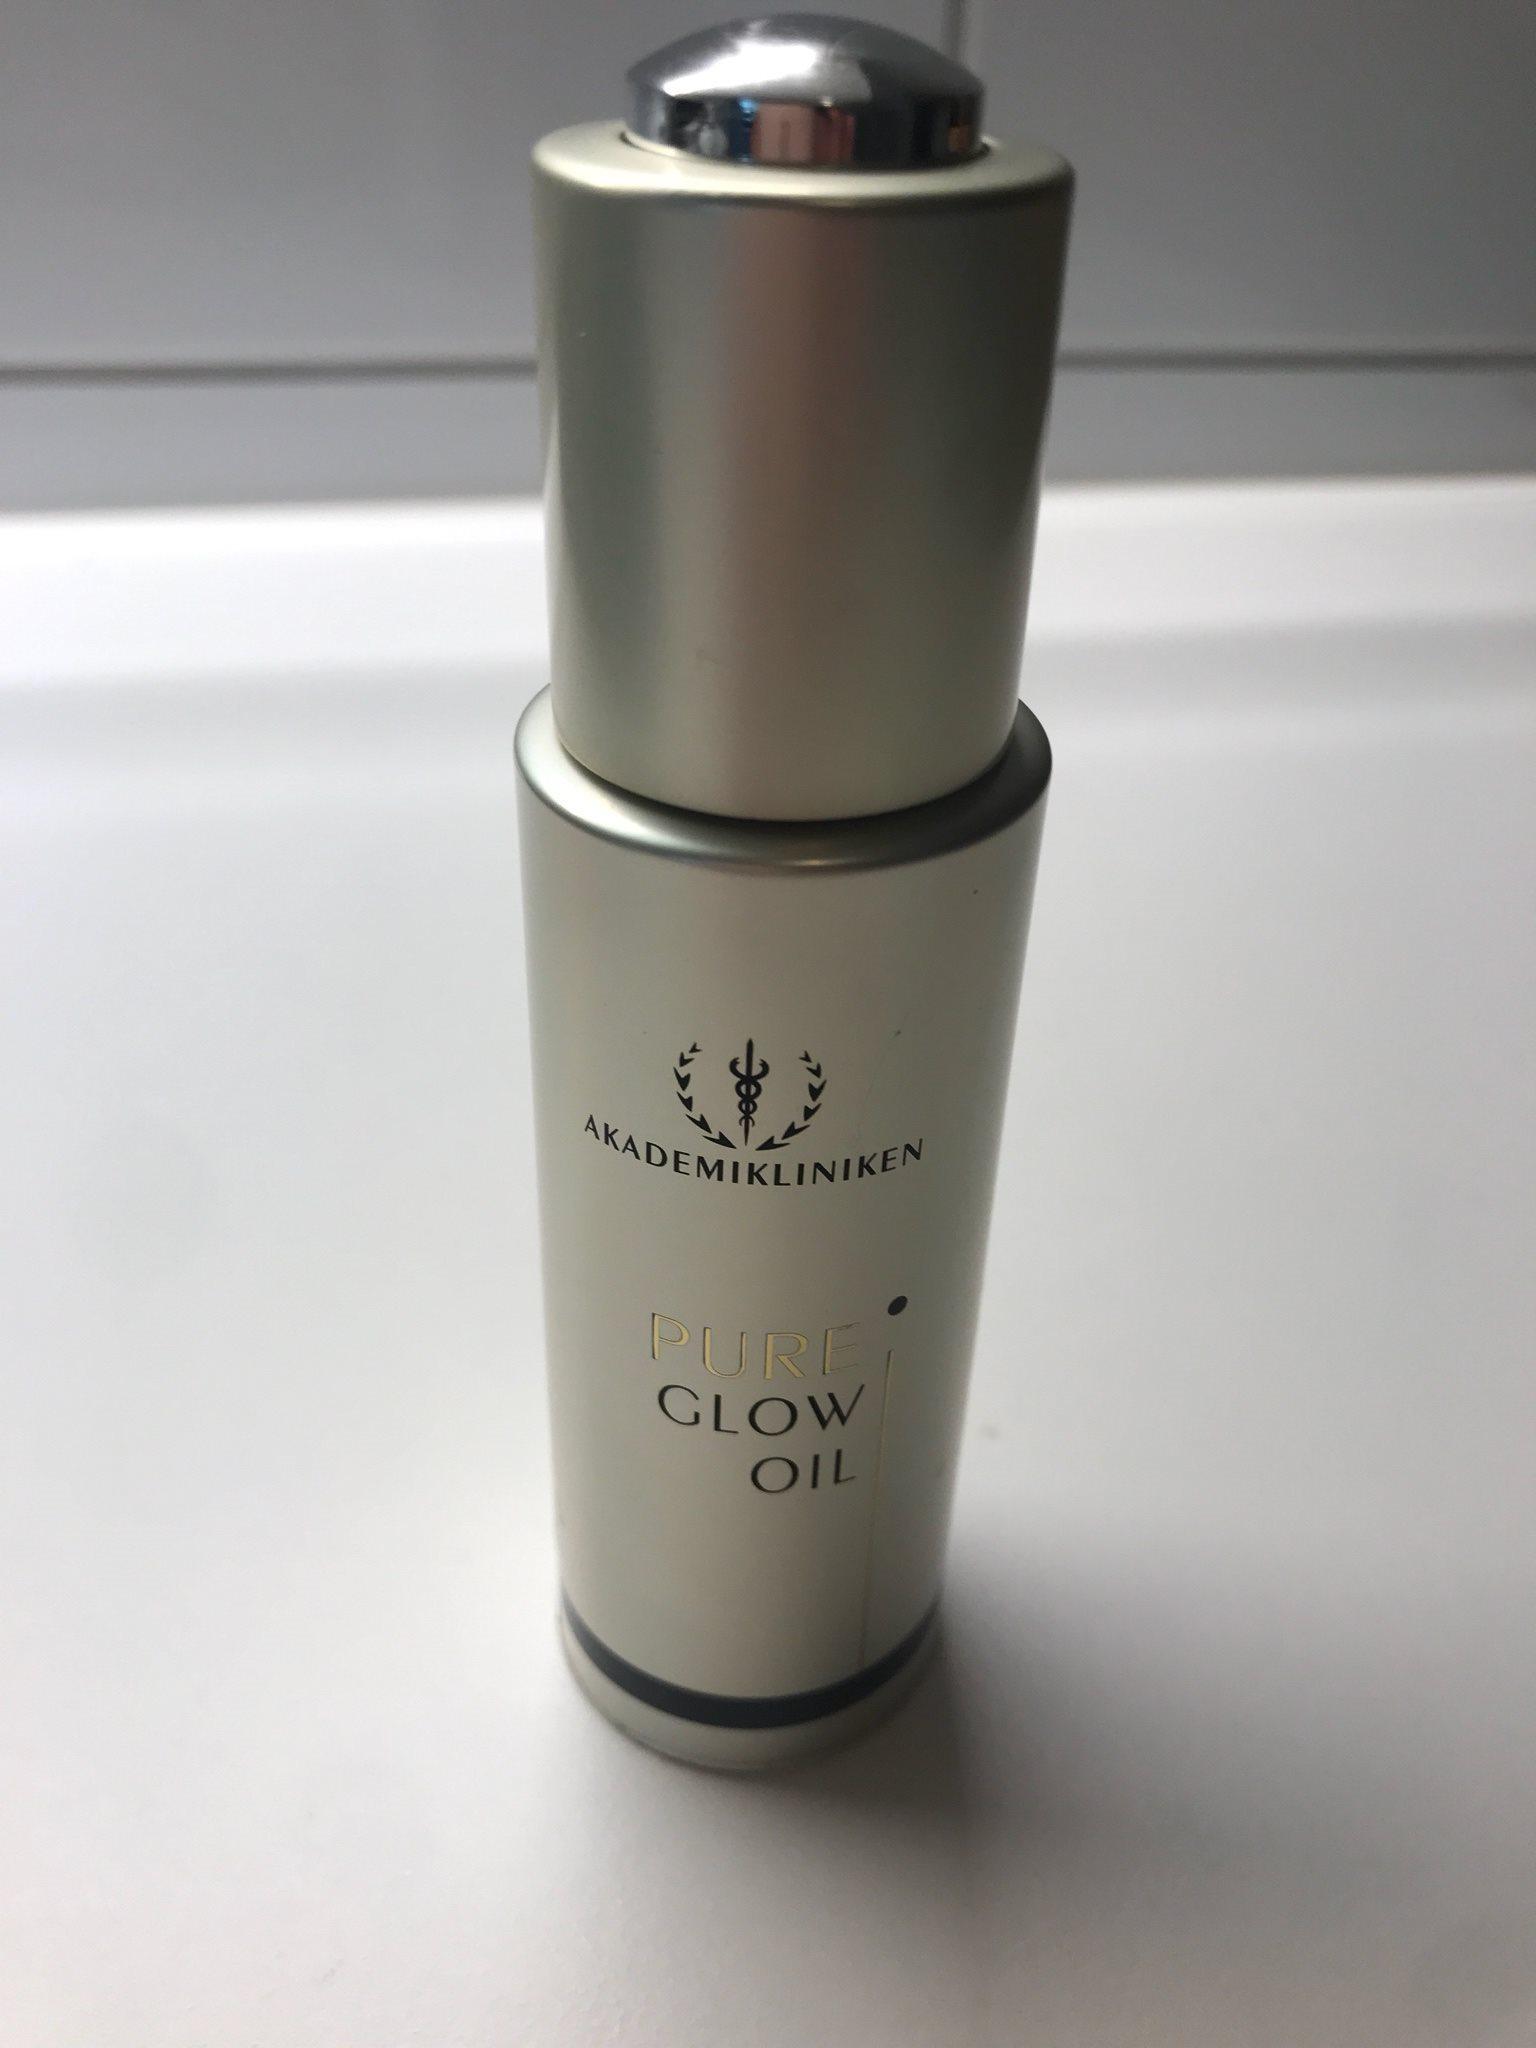 akademikliniken glow oil